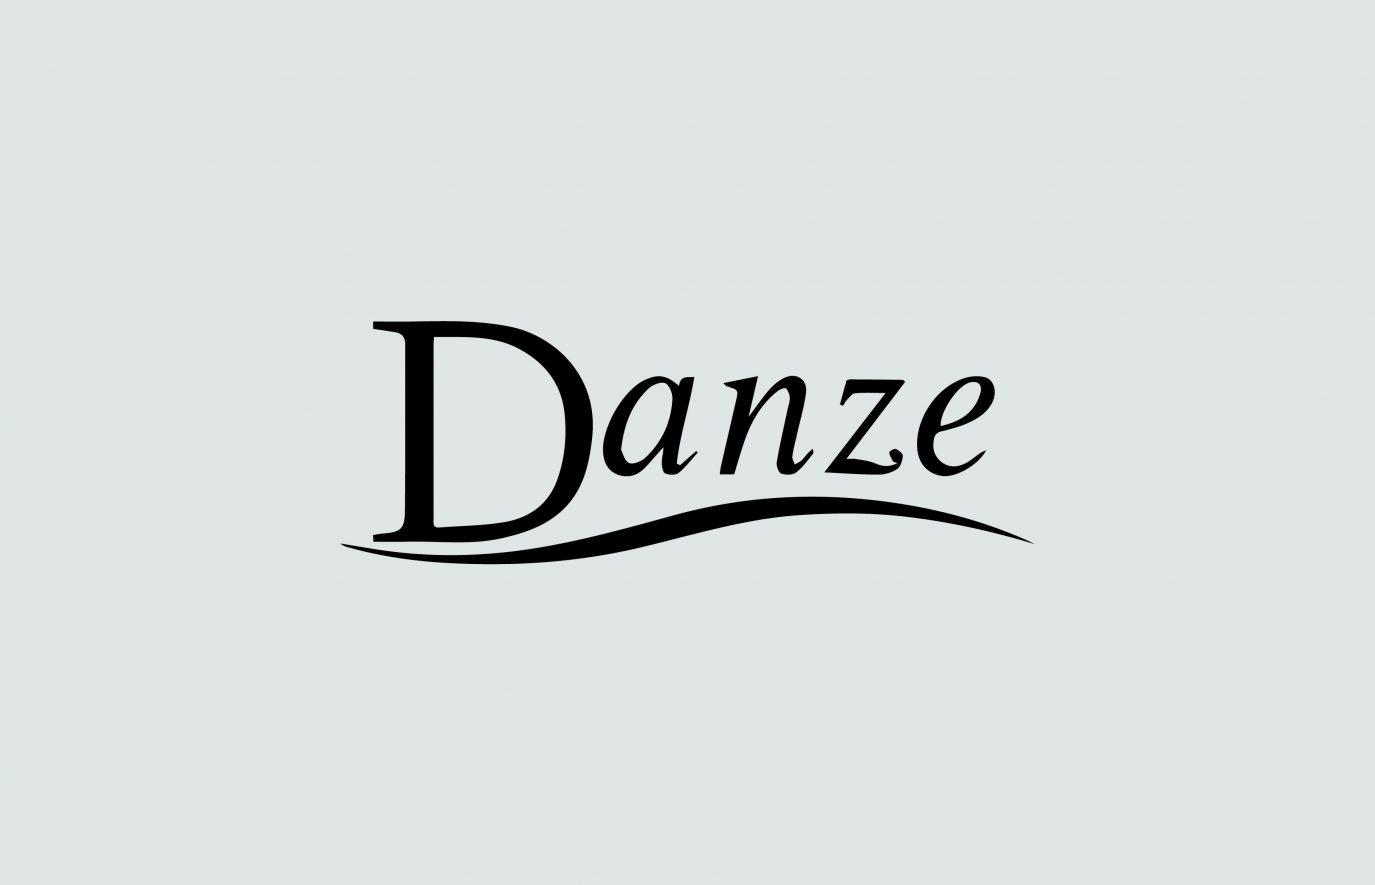 danze1